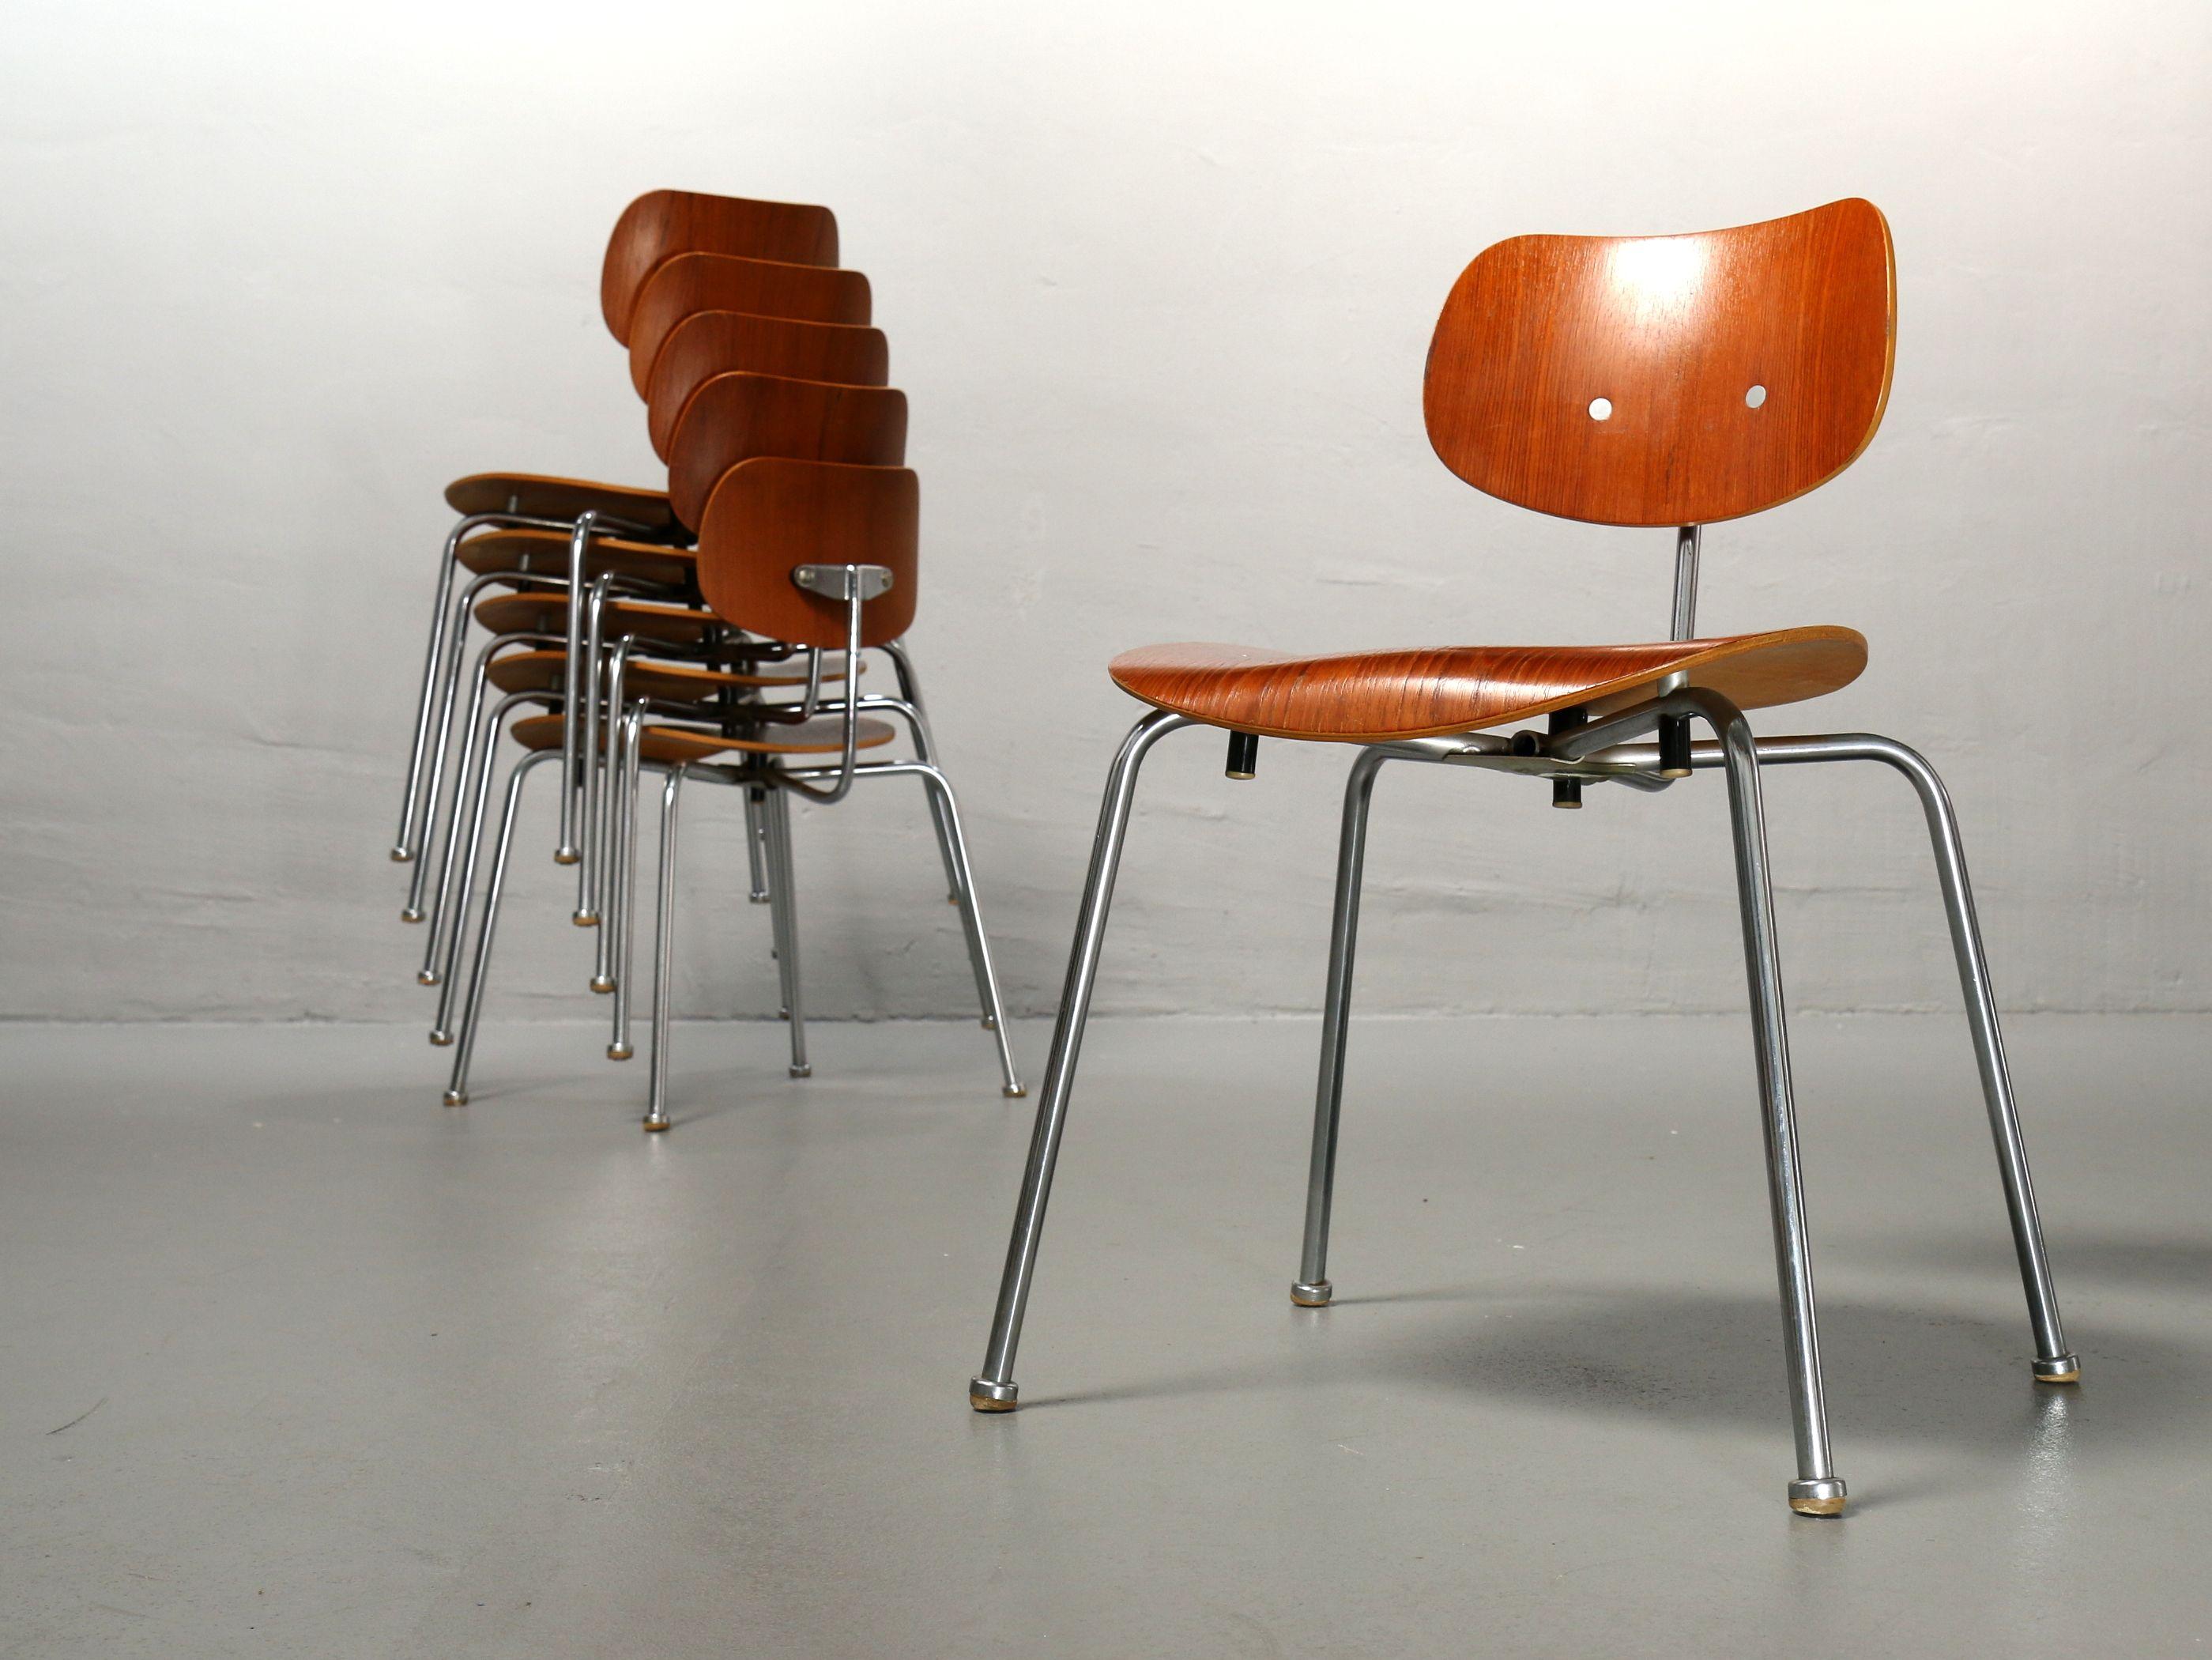 fantastische egon eiermann st hle se 68 von wilde spieth modelle der 60er jahre egon eiermann. Black Bedroom Furniture Sets. Home Design Ideas